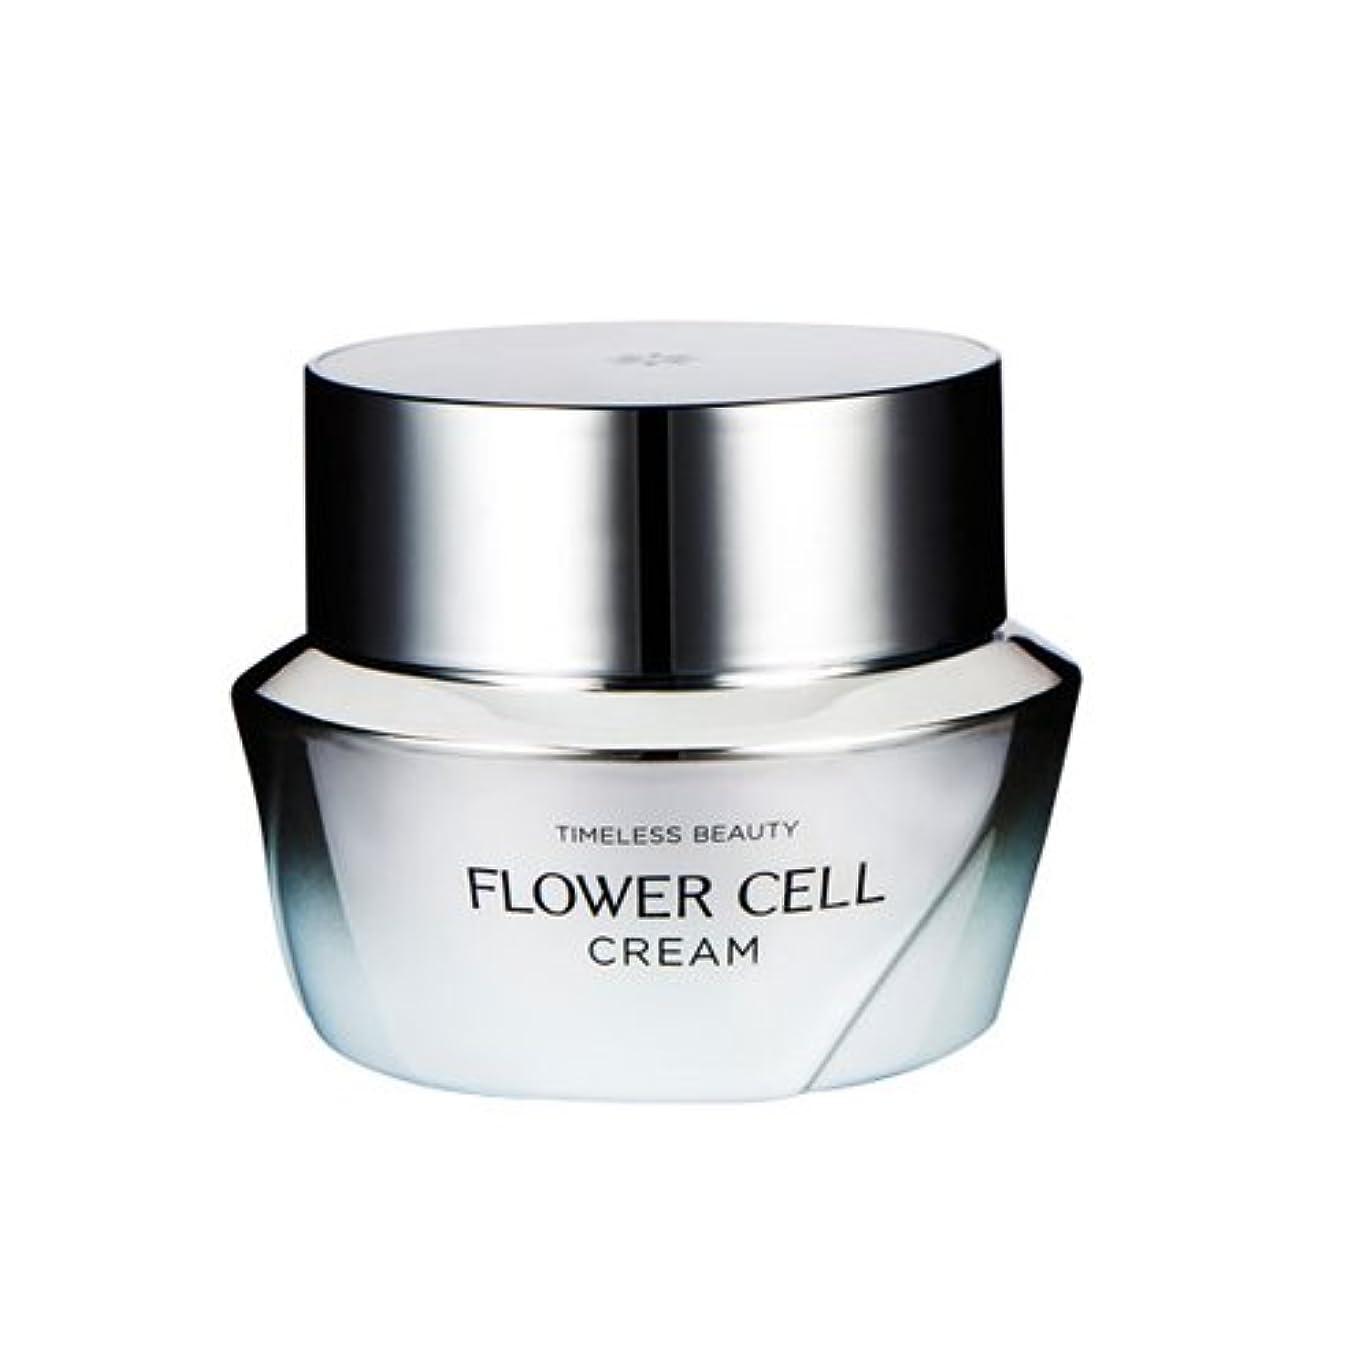 好色なサンプル柔らかさ[New] It'S SKIN Flower Cell Cream 50ml/イッツスキン フラワー セル クリーム 50ml